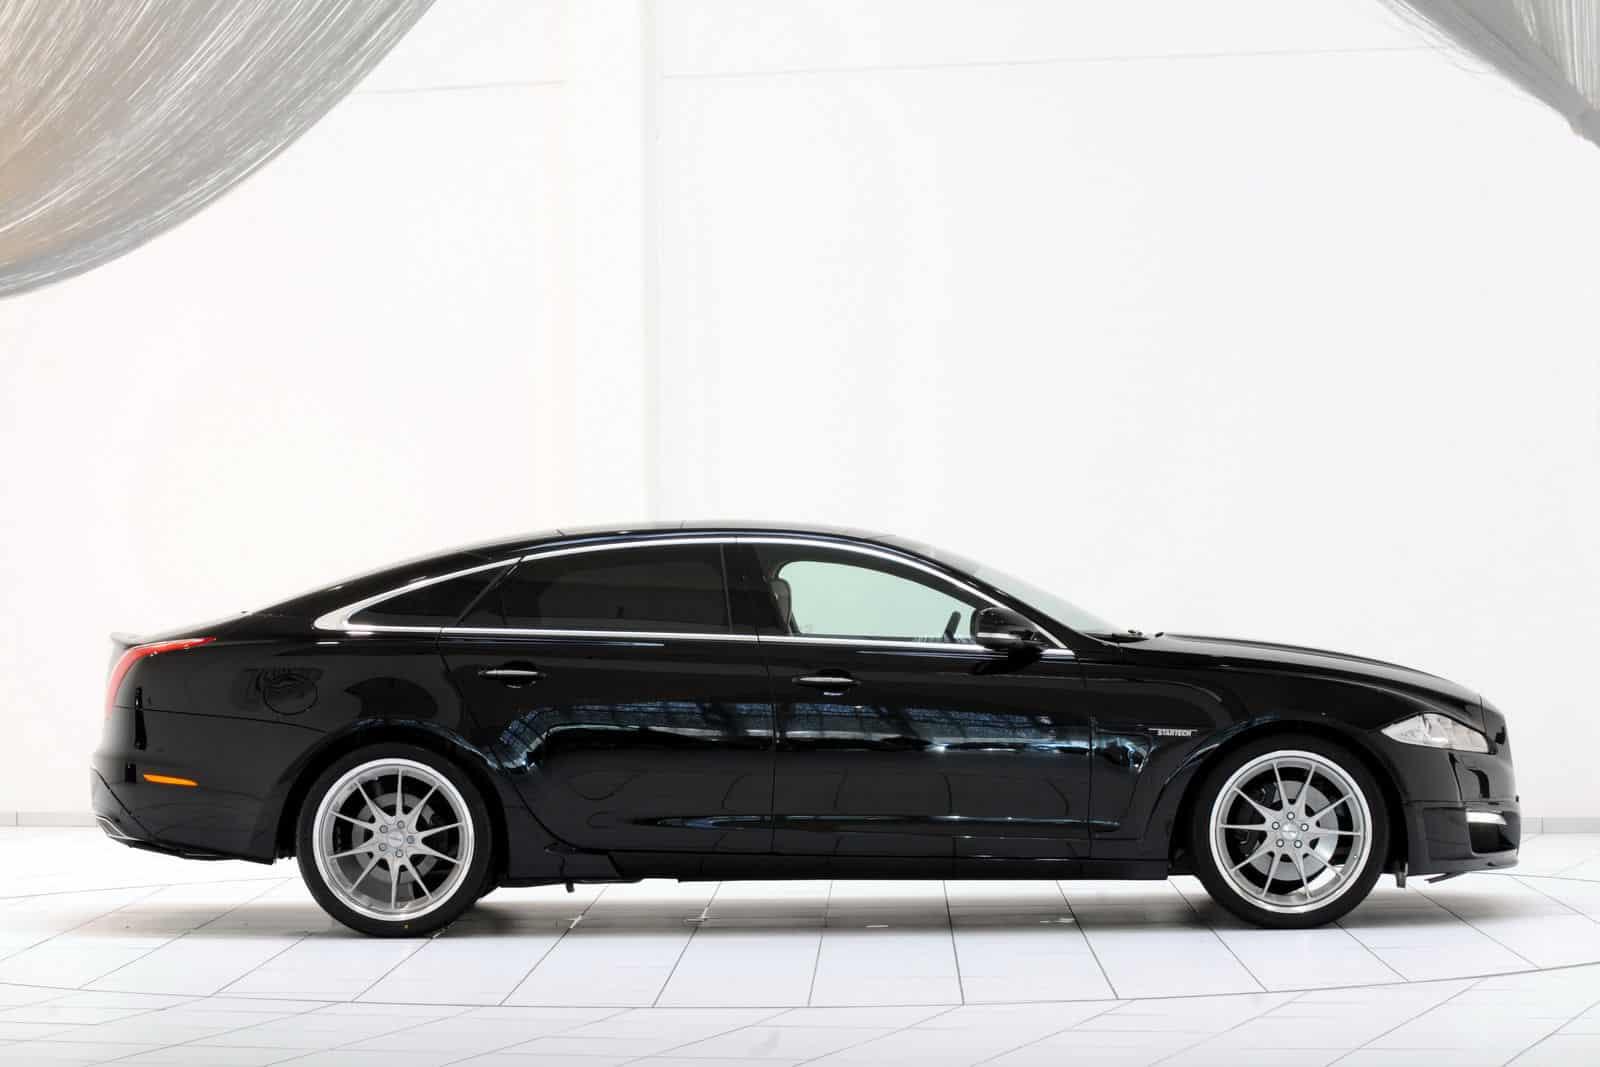 Luxury tuning kit for Jaguar XJ by Startech